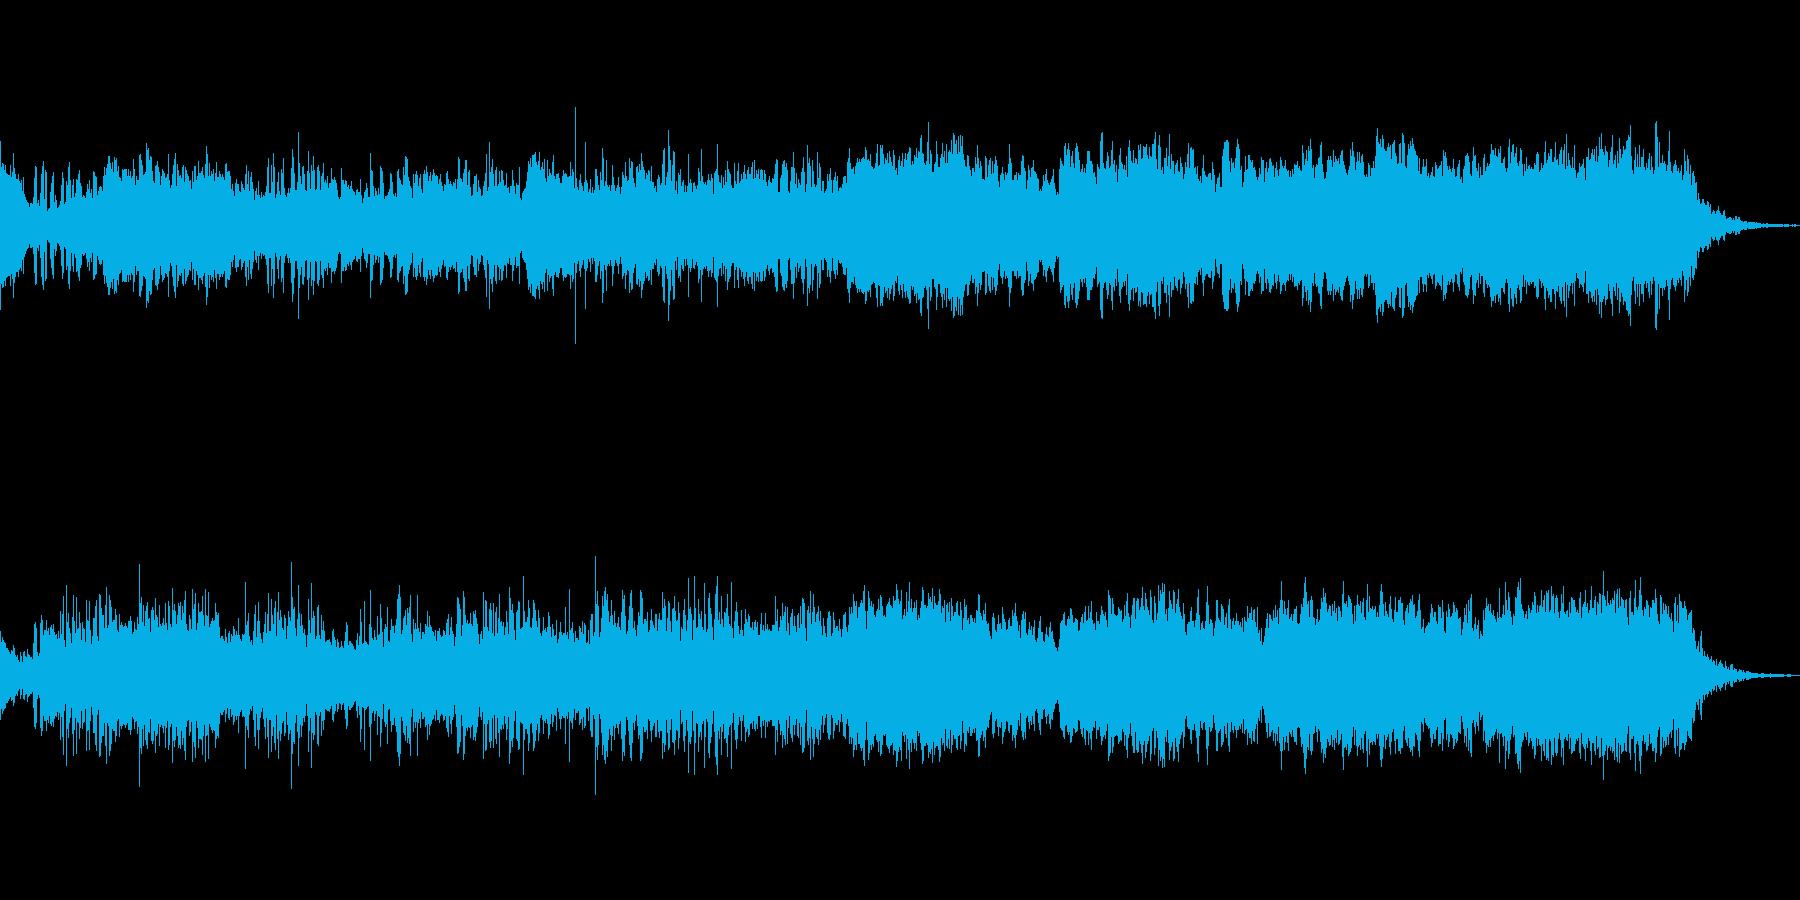 近未来的な、宇宙的な音をイメージしまし…の再生済みの波形